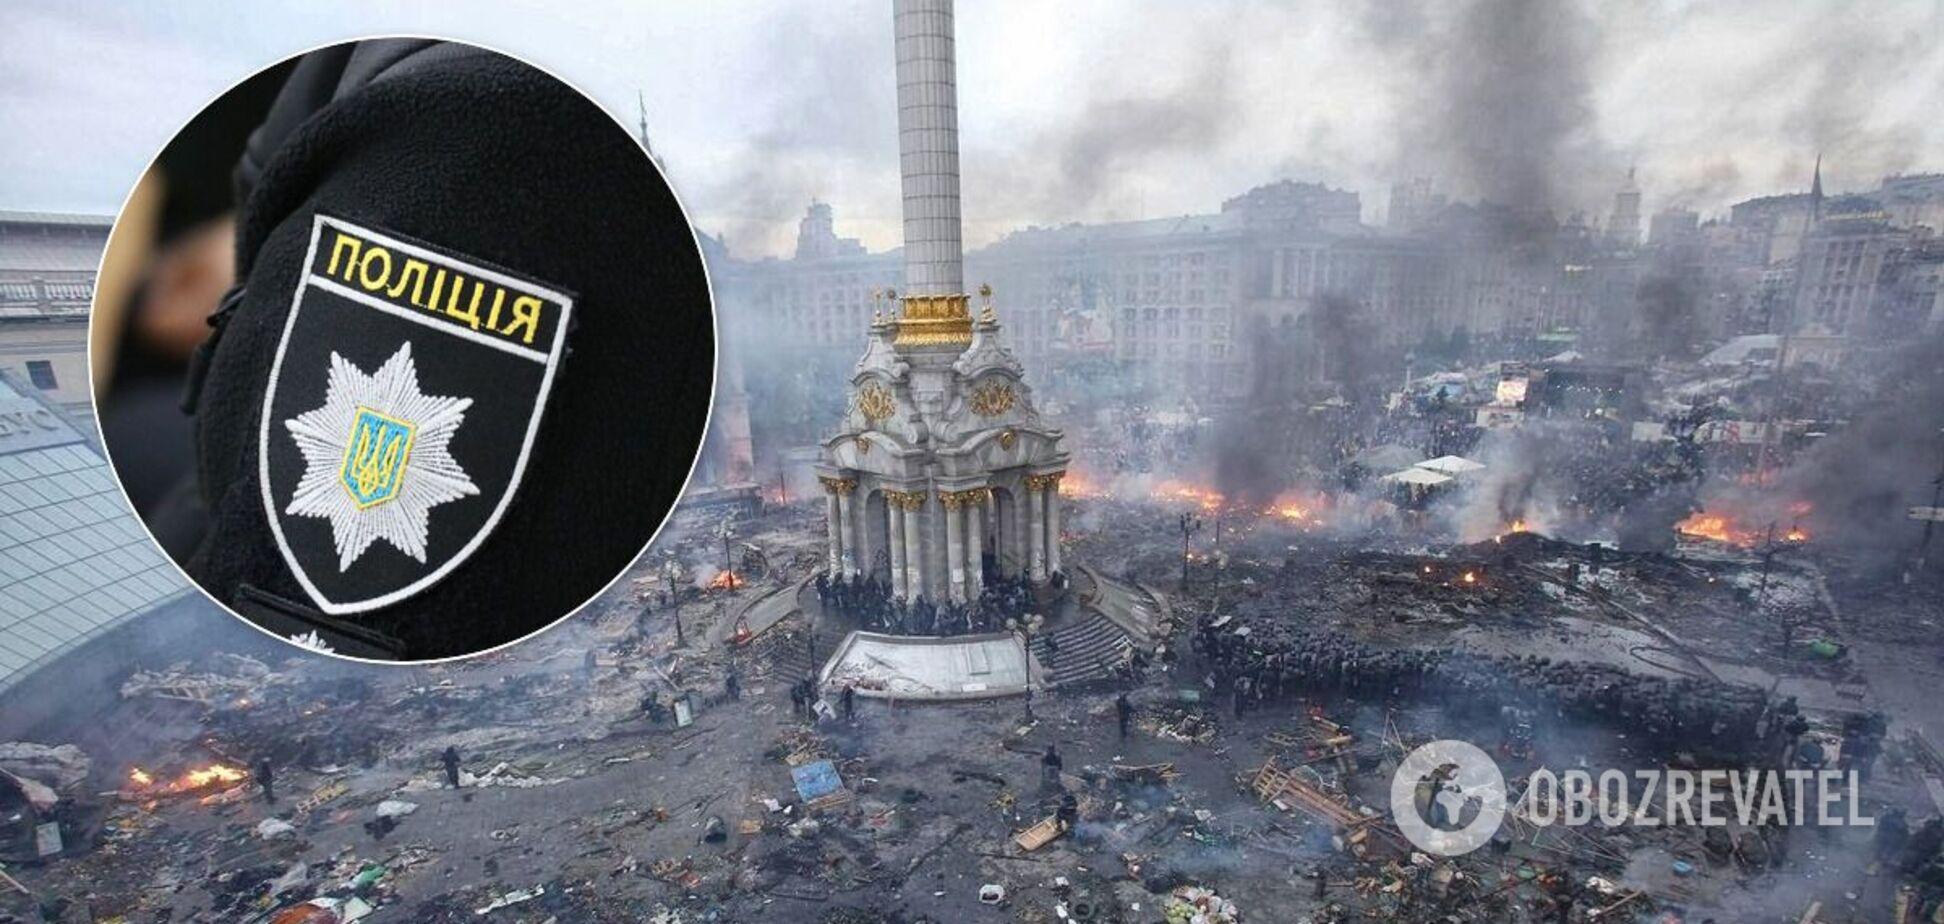 Чинний поліцейський затримав протестувальника на Майдані і підробив документи